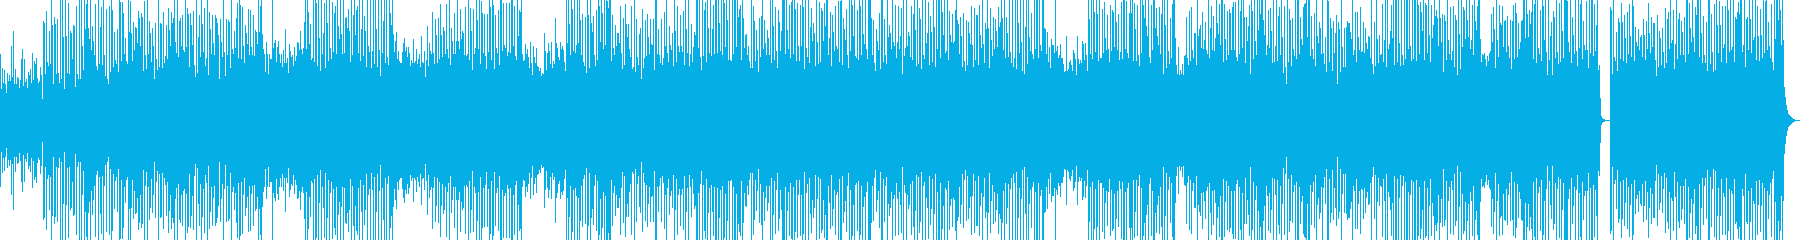 アフリカンパーカッショントライブハウスの再生済みの波形